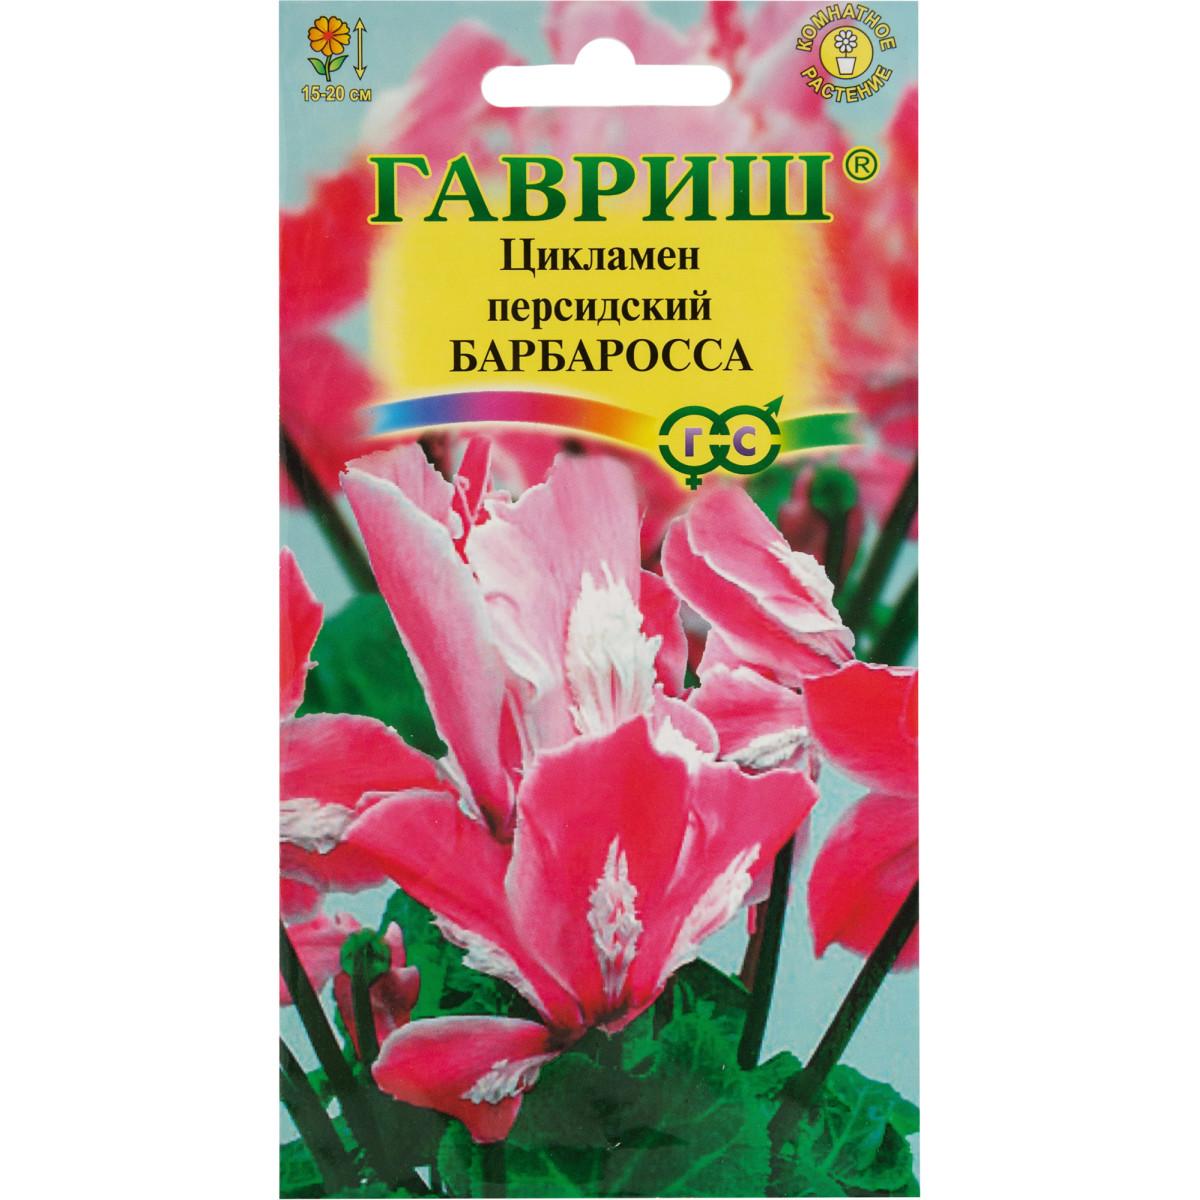 Цикламен персидский «Барбаросса» 3 шт.